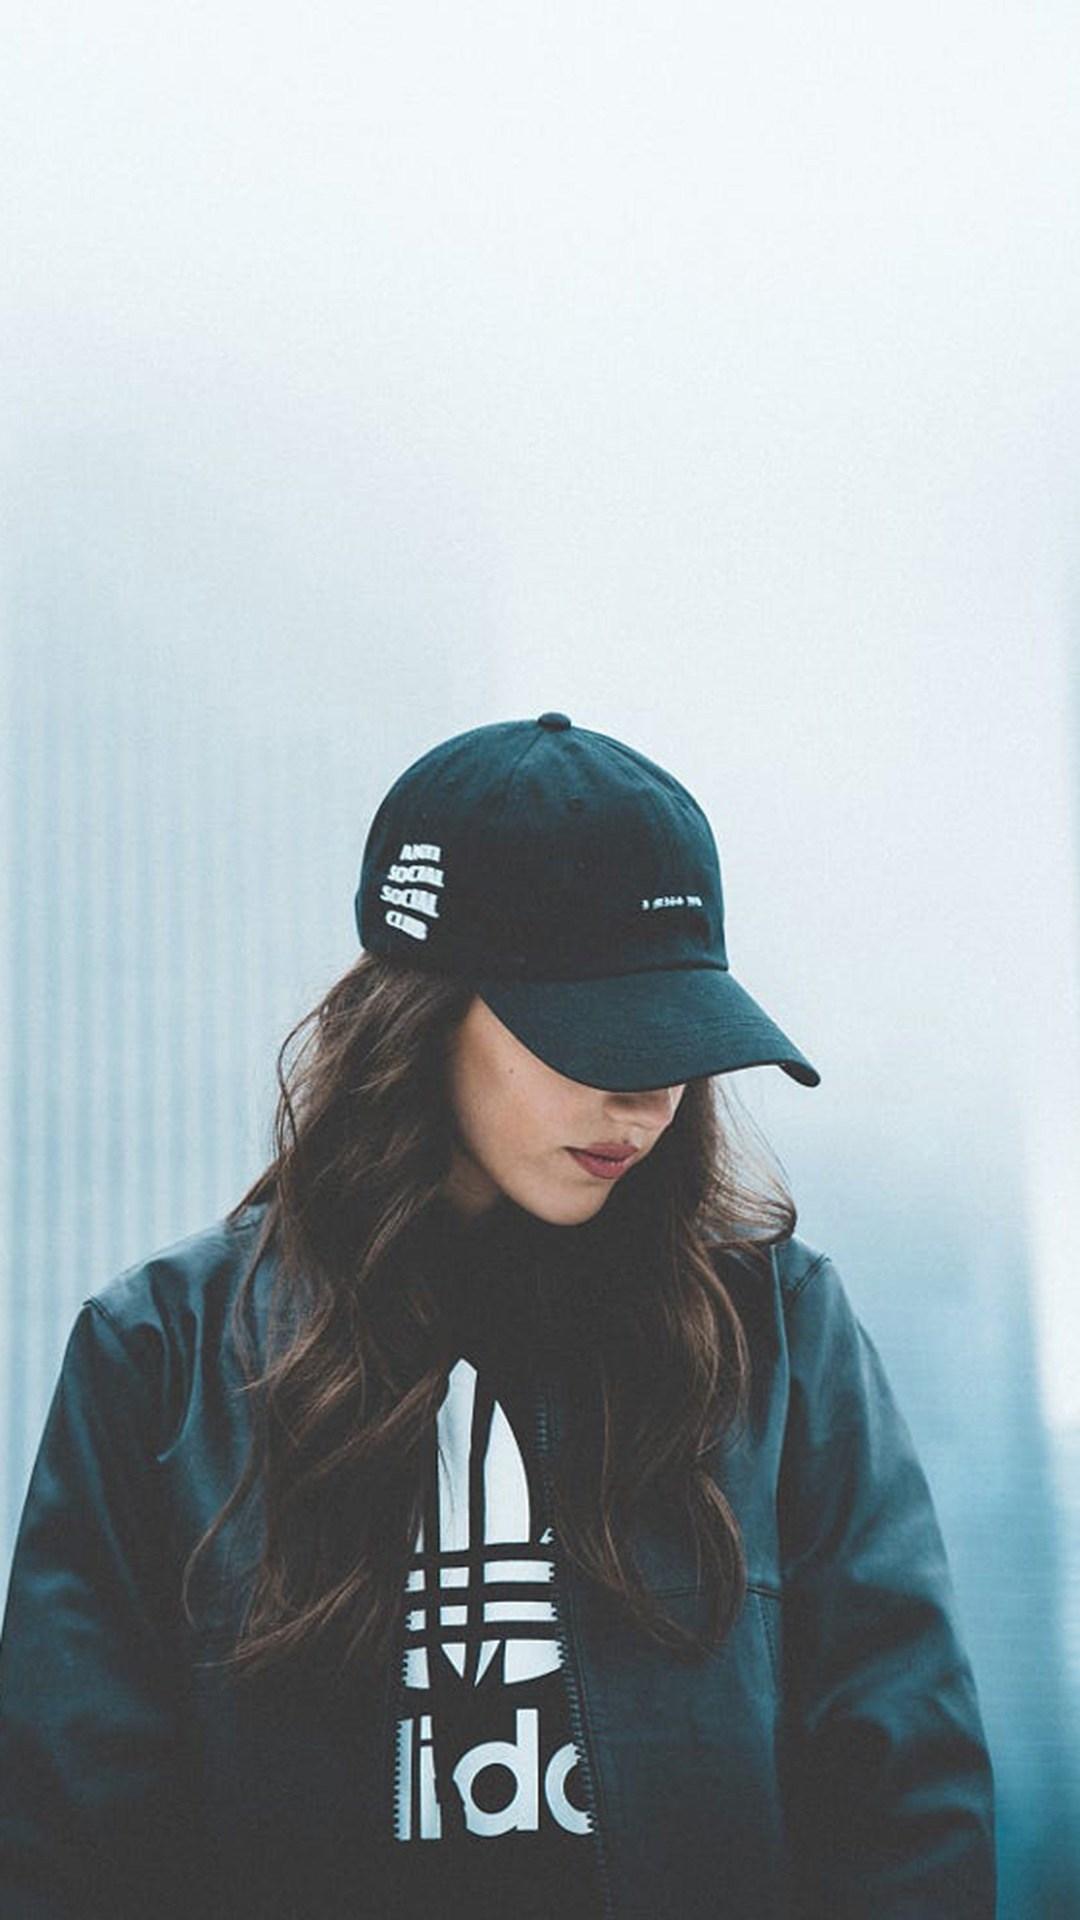 帽子 美女 个性 犹豫 黑色 苹果手机高清壁纸 1080x